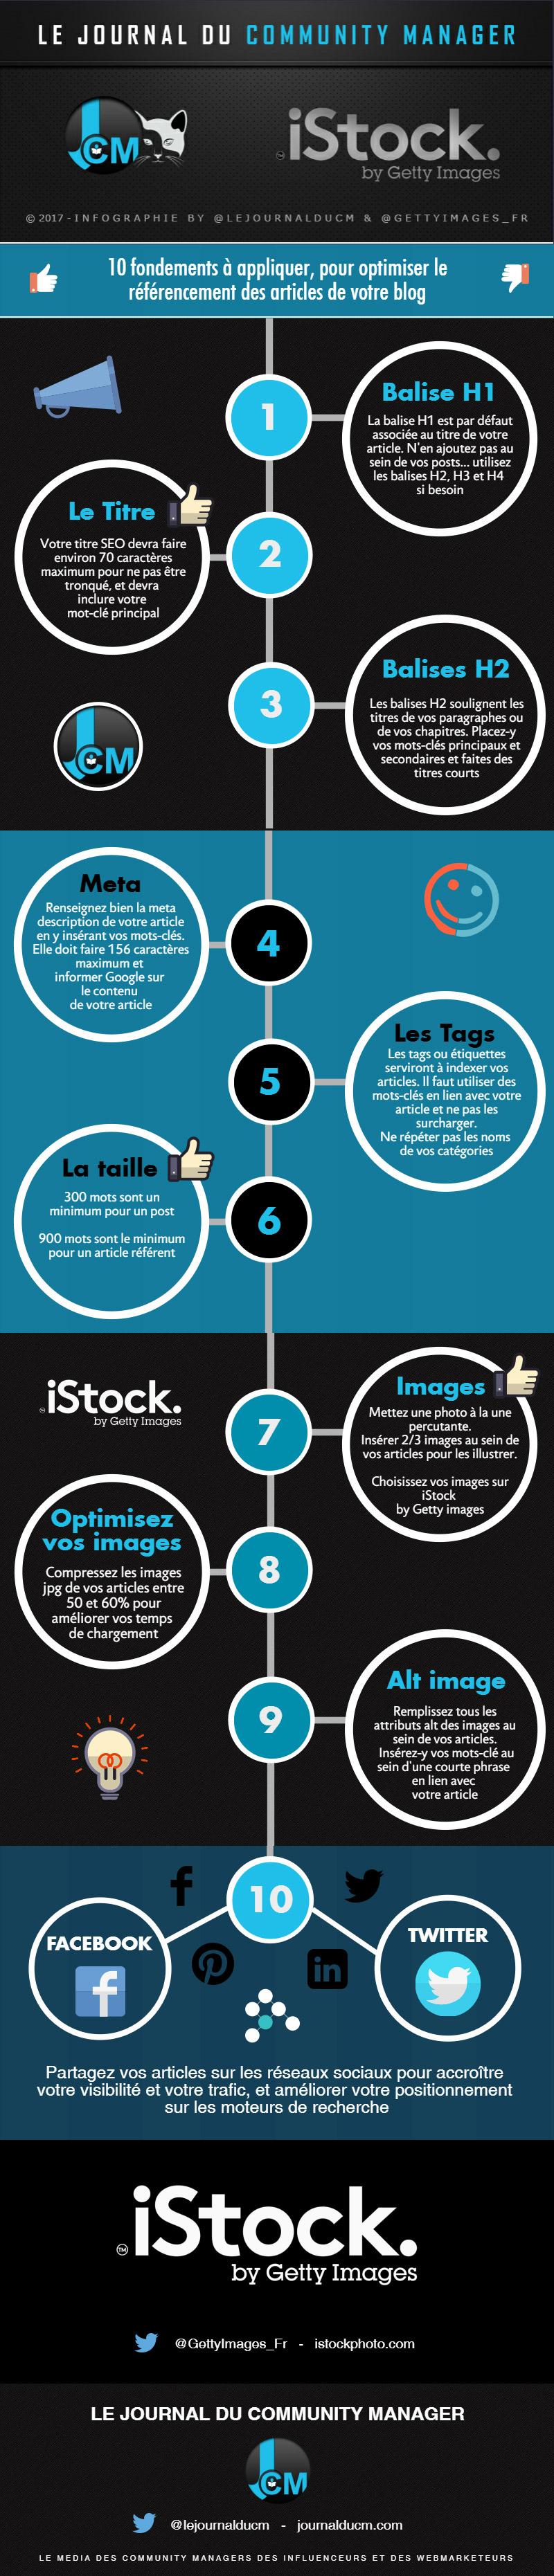 Infographie SEO : 10 conseils pour améliorer son référencement via son contenu